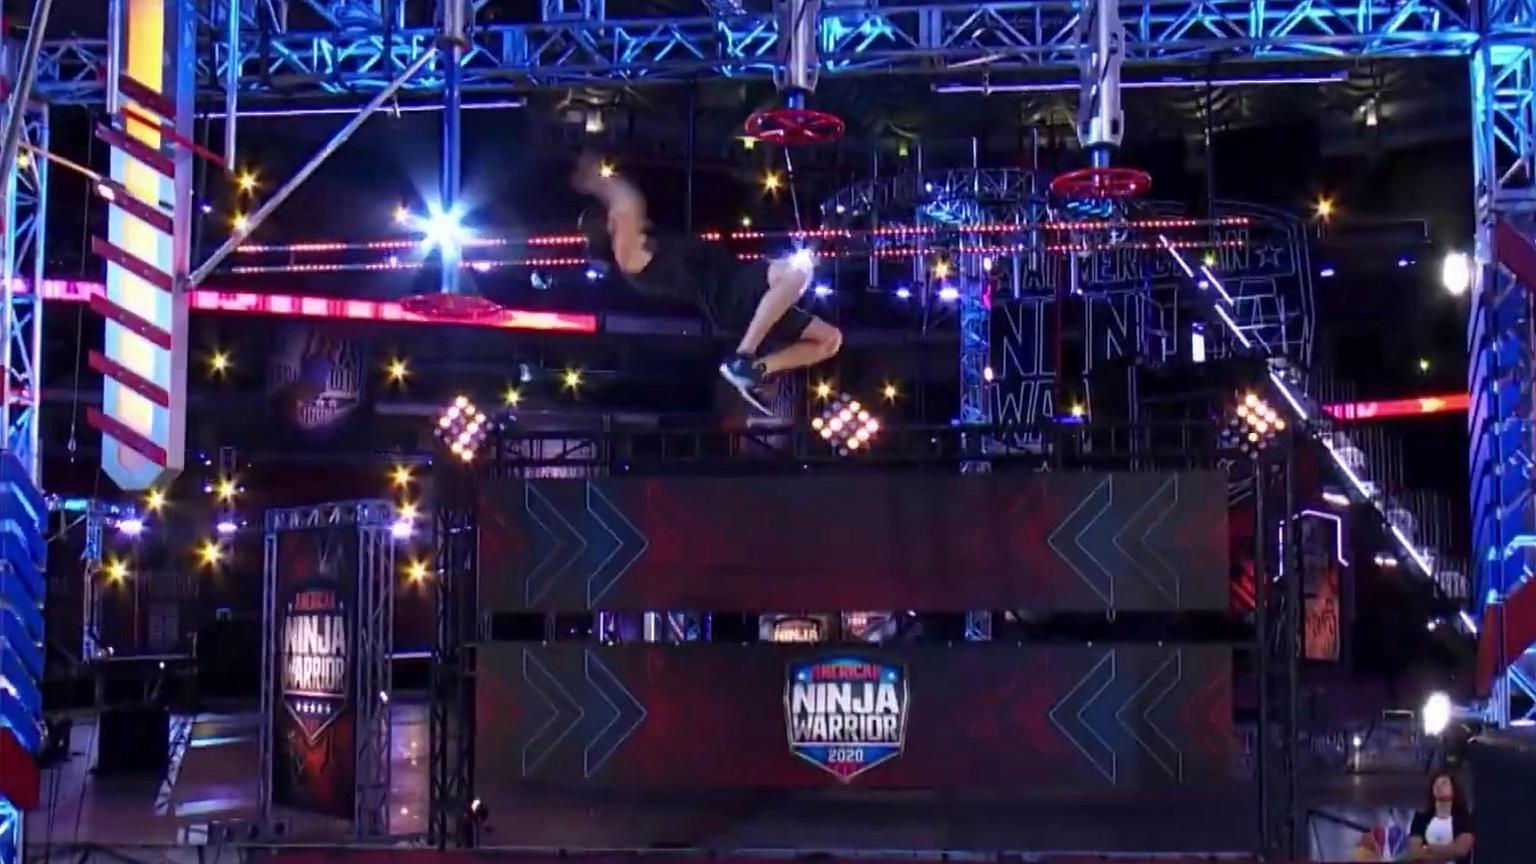 American Ninja Warrior: Semifinals 1